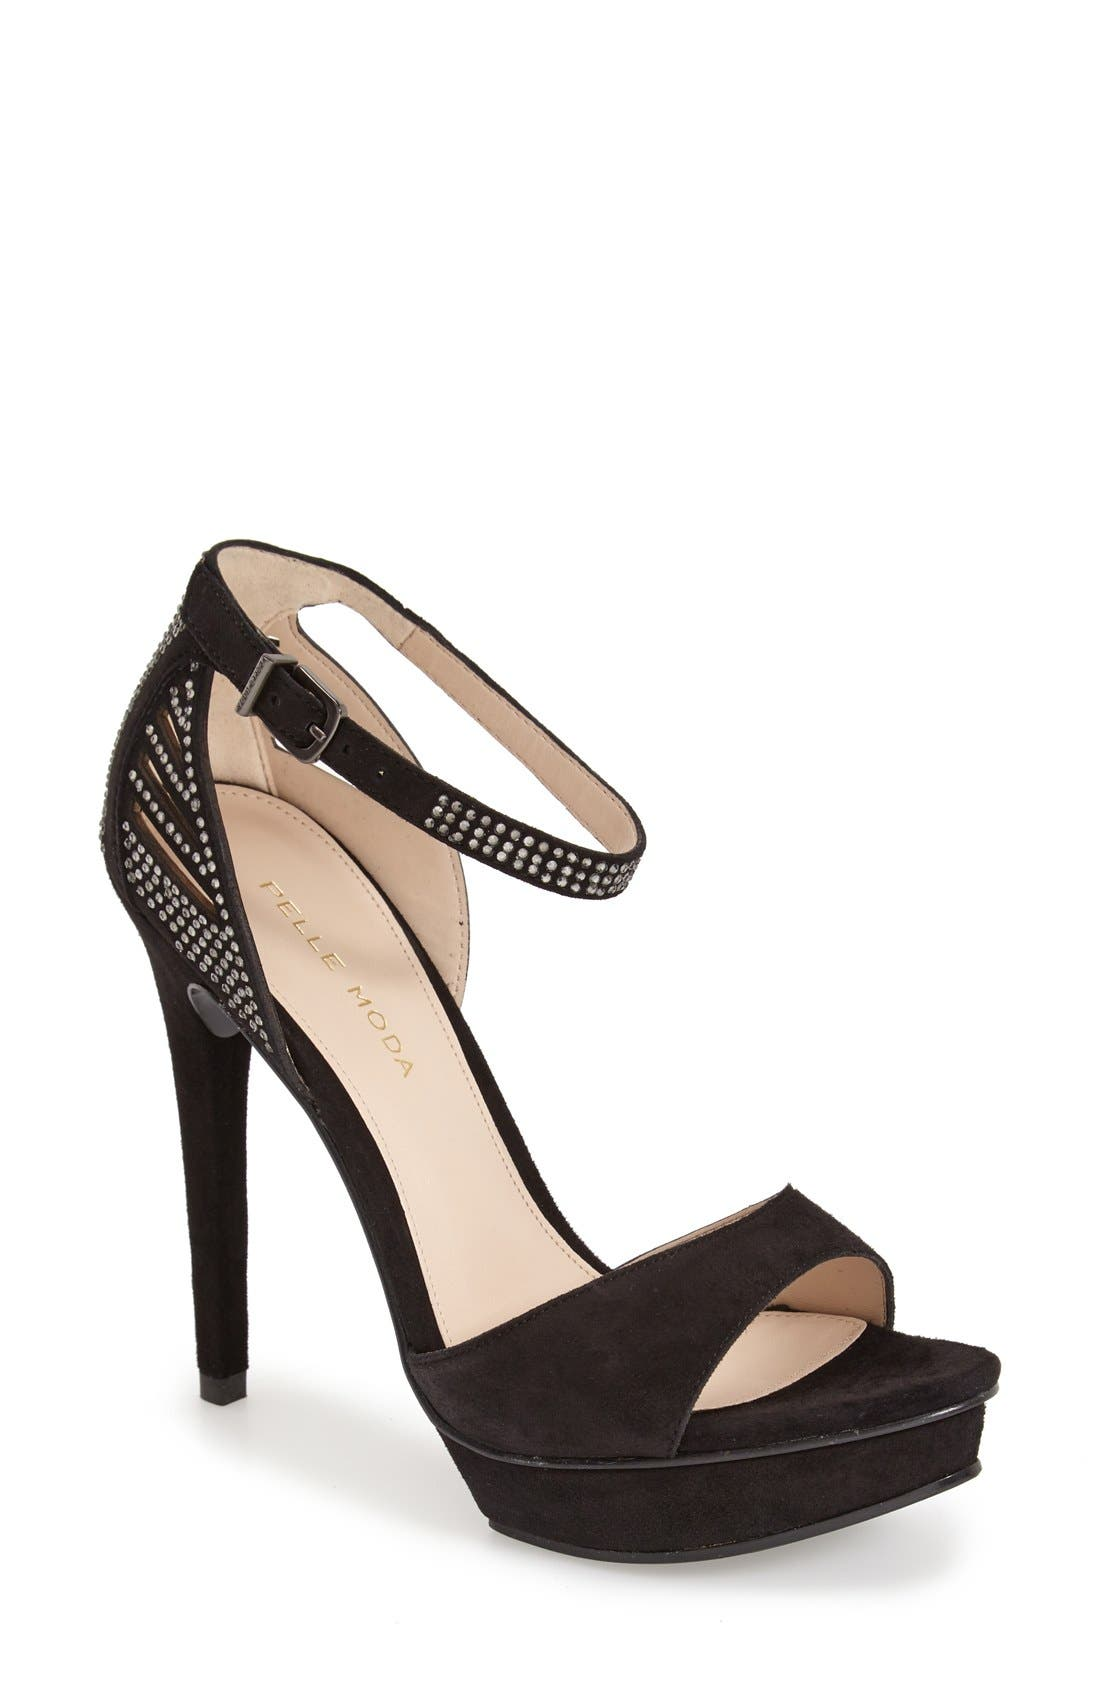 'Fenton' Ankle Strap Sandal,                             Main thumbnail 1, color,                             Black Suede